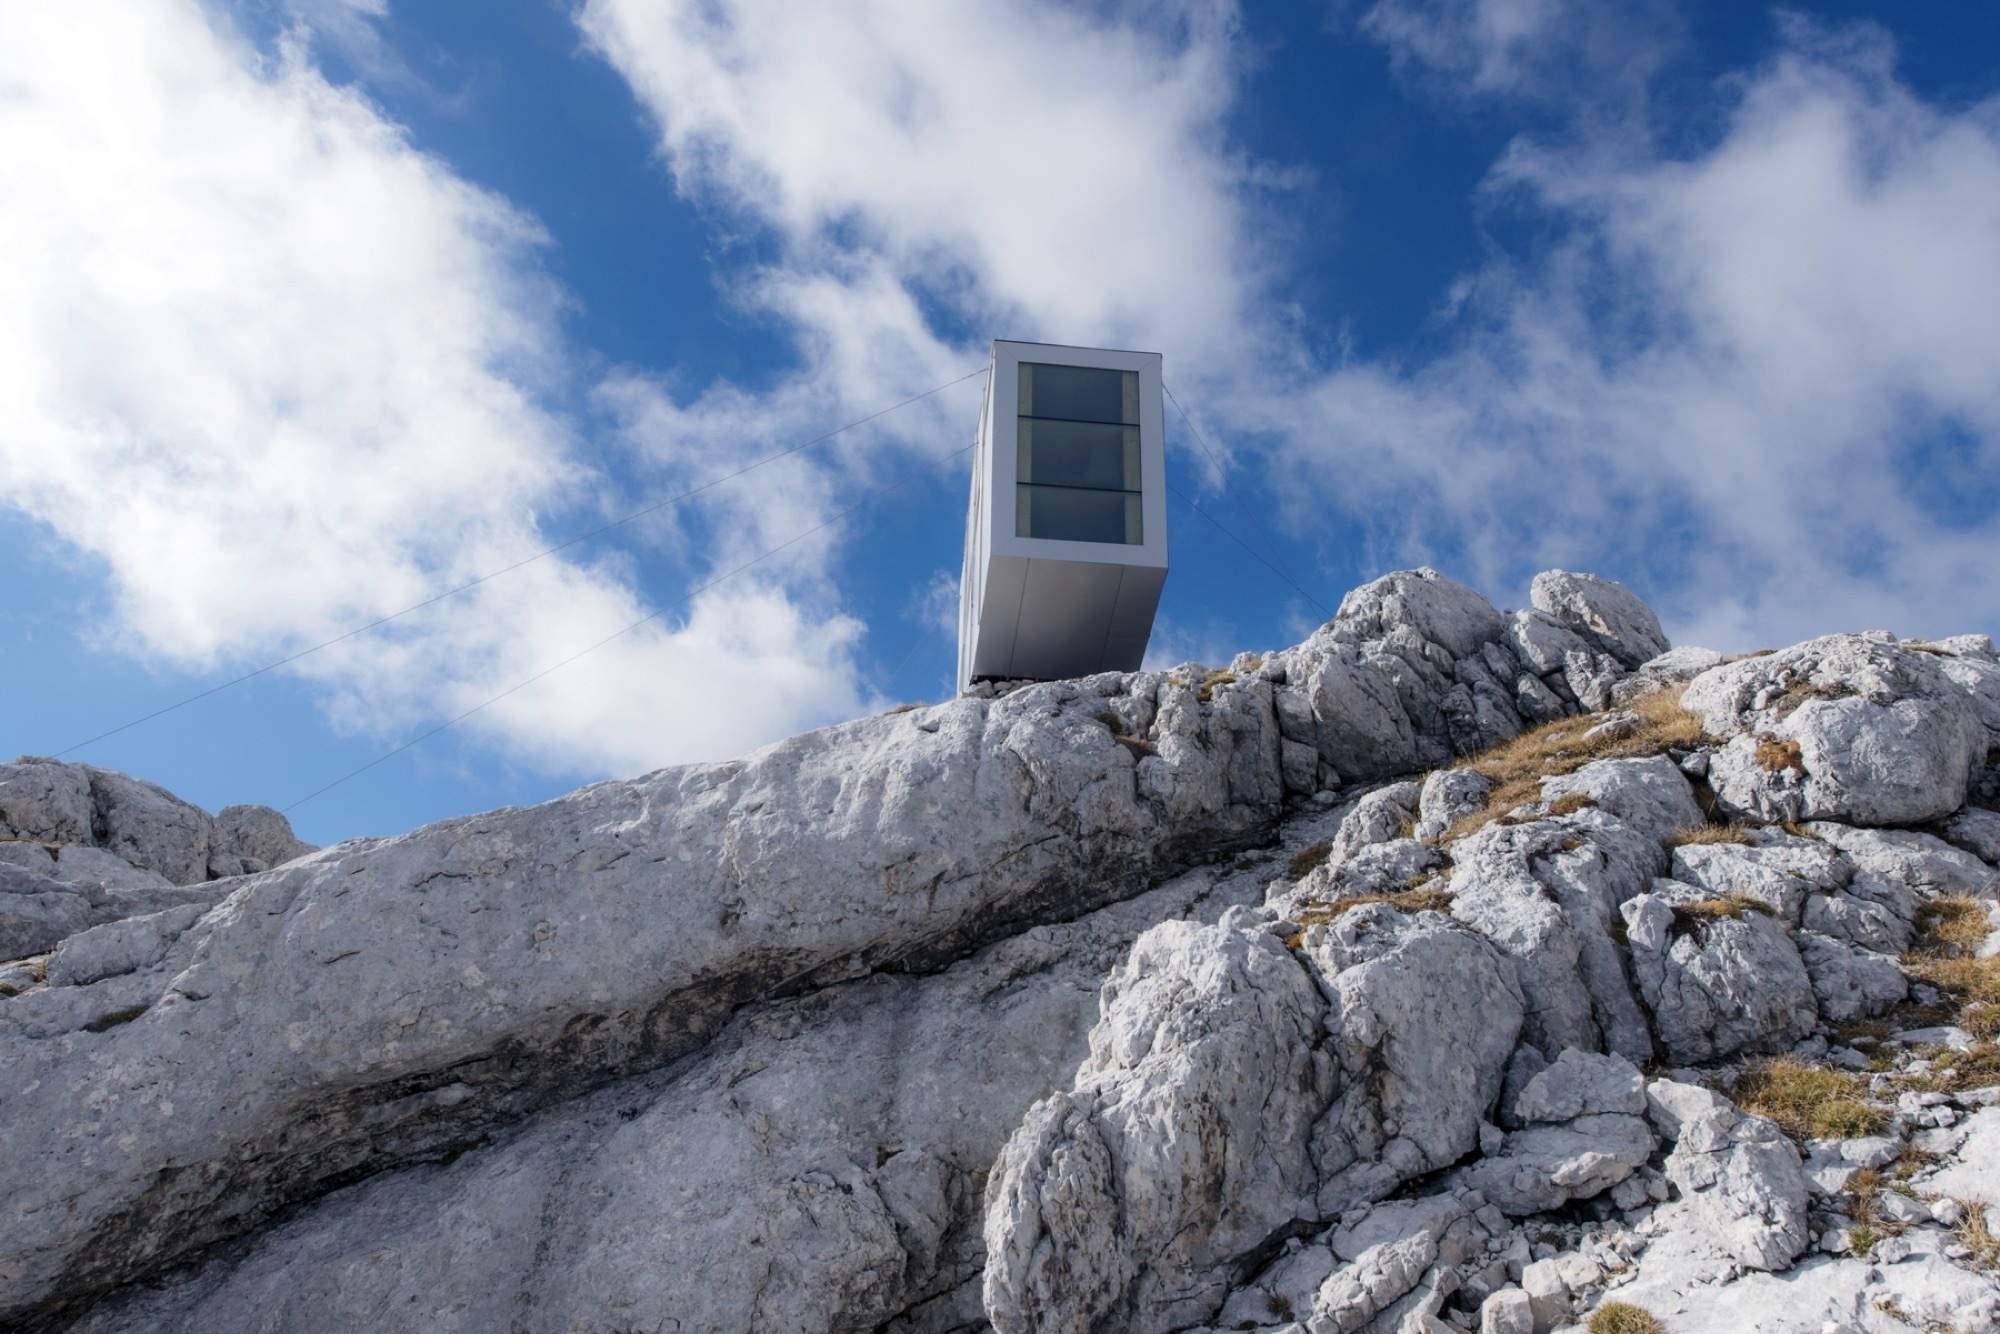 Приют для альпинистов в Словении: история создания и особенности